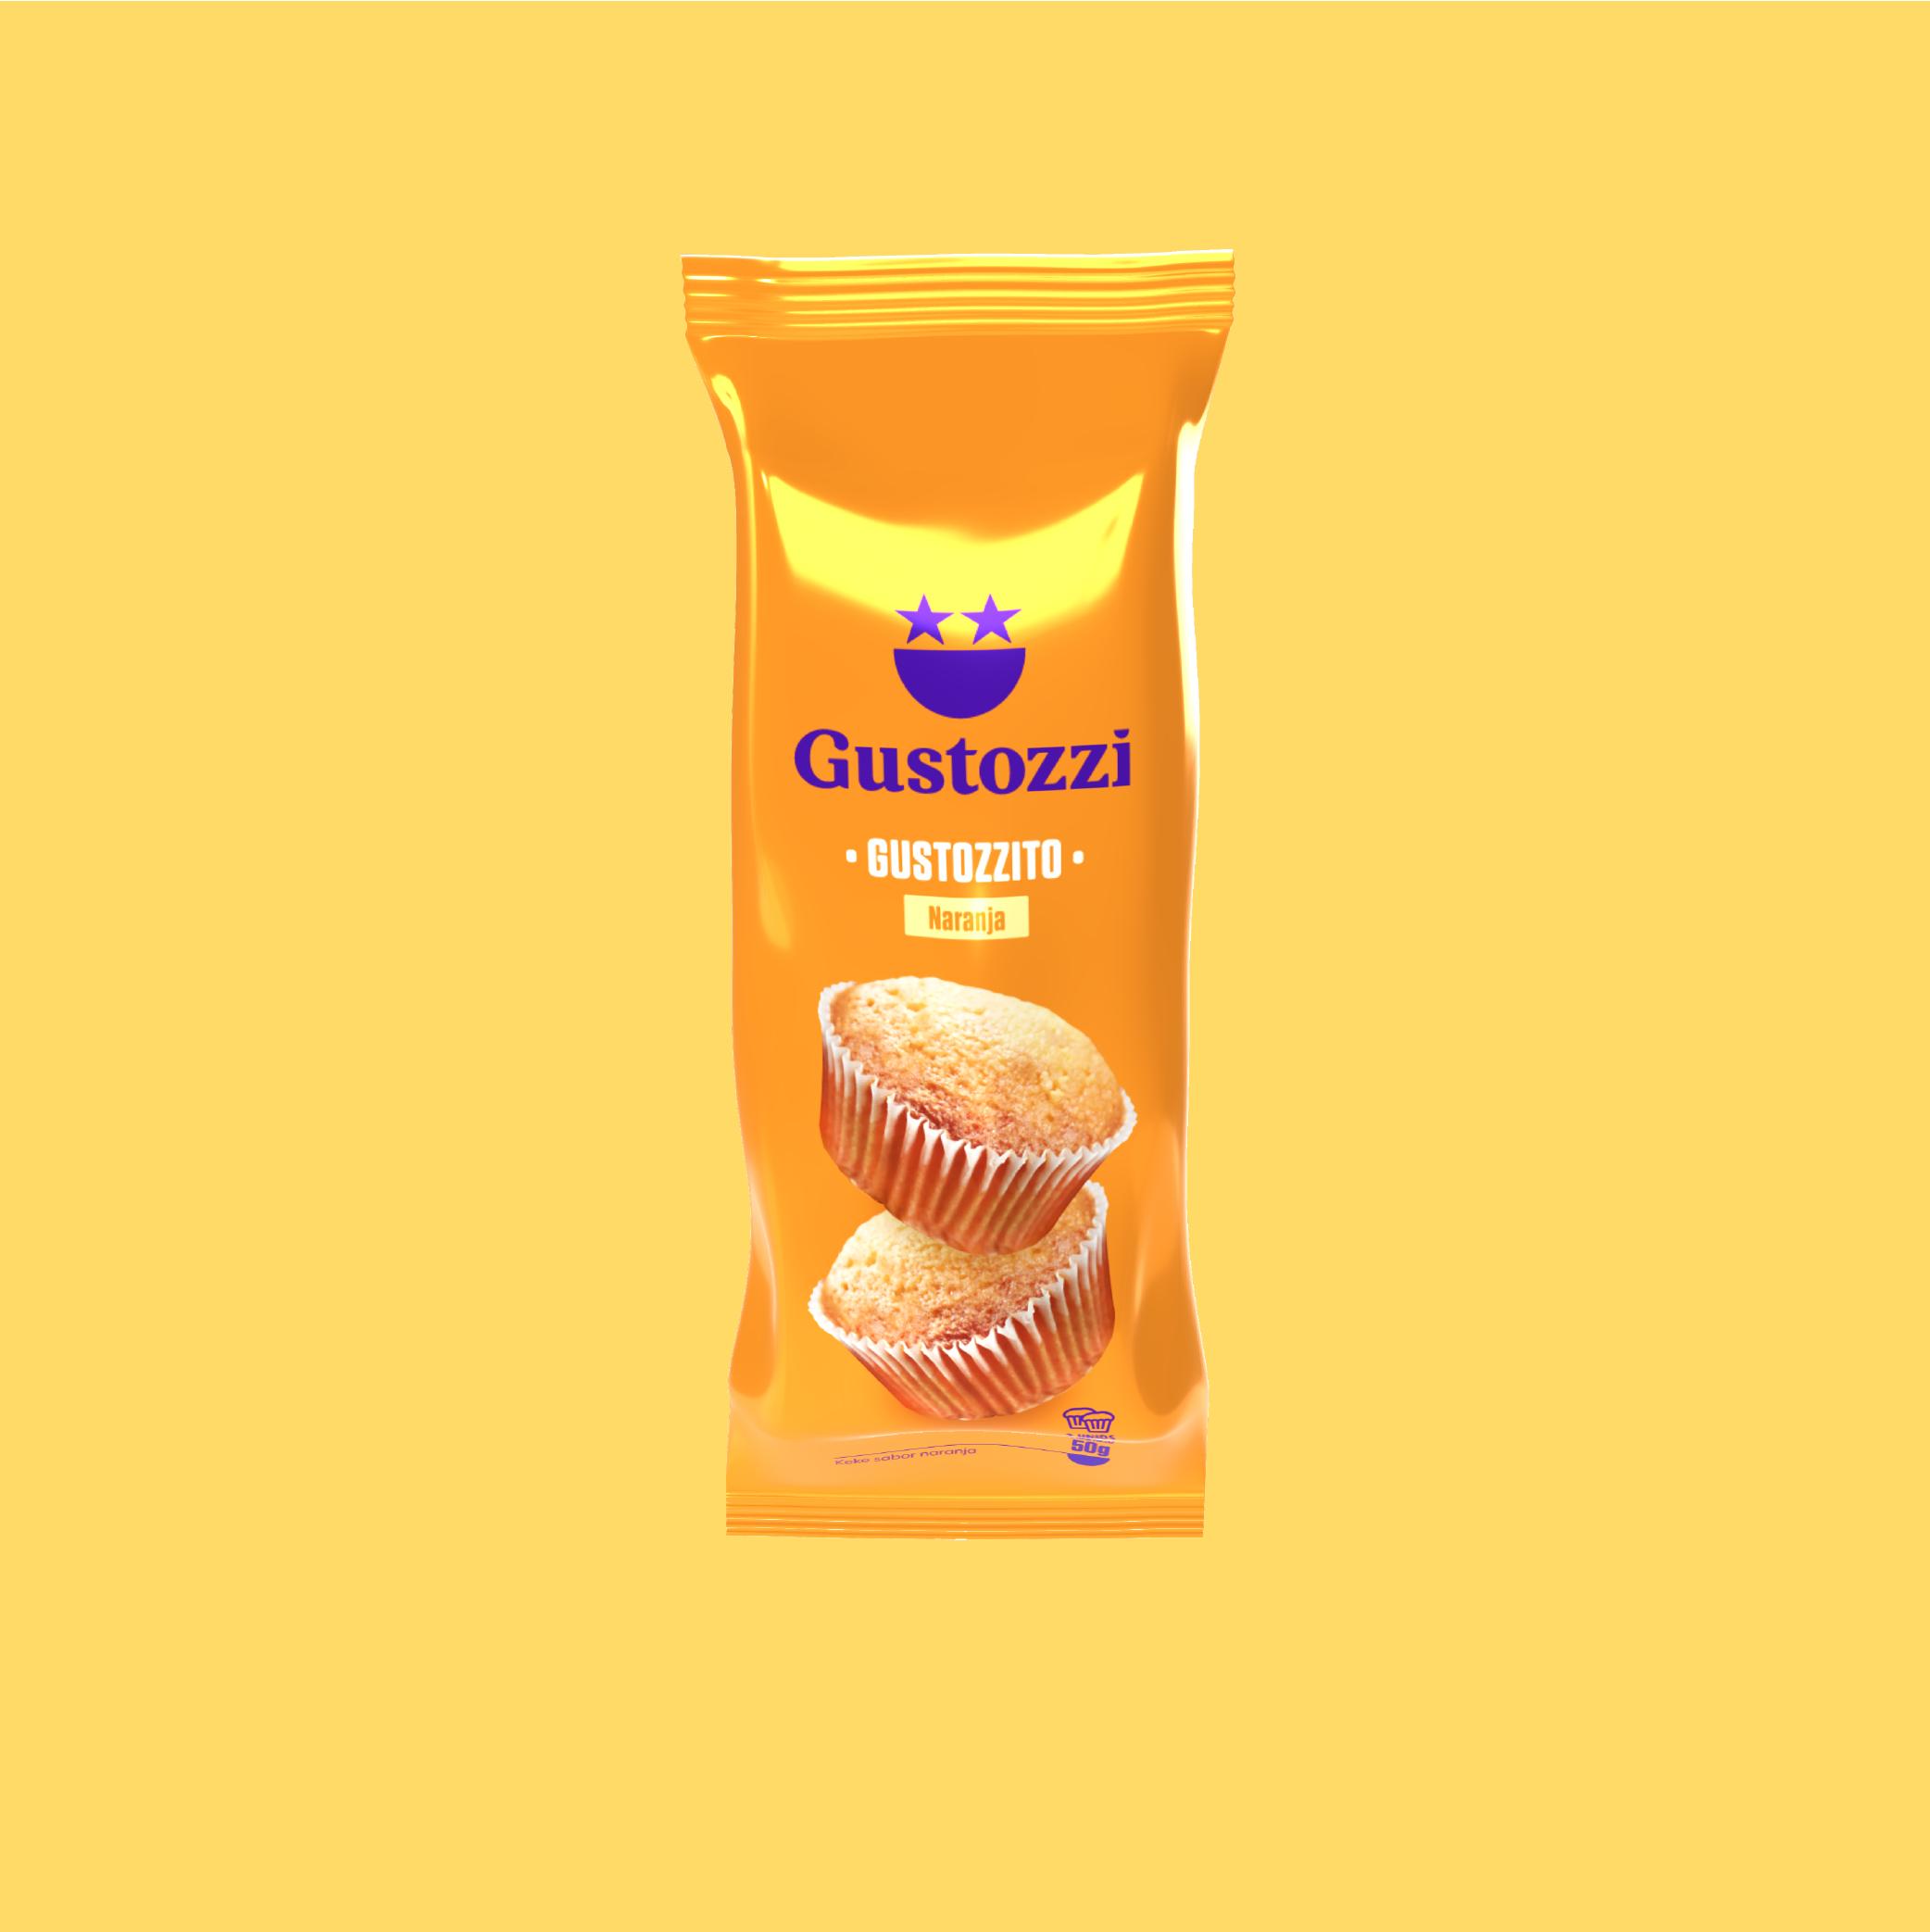 Disfruta 2 kekitos consabor a naranja, hechos como en casa. No contiene octógonos.